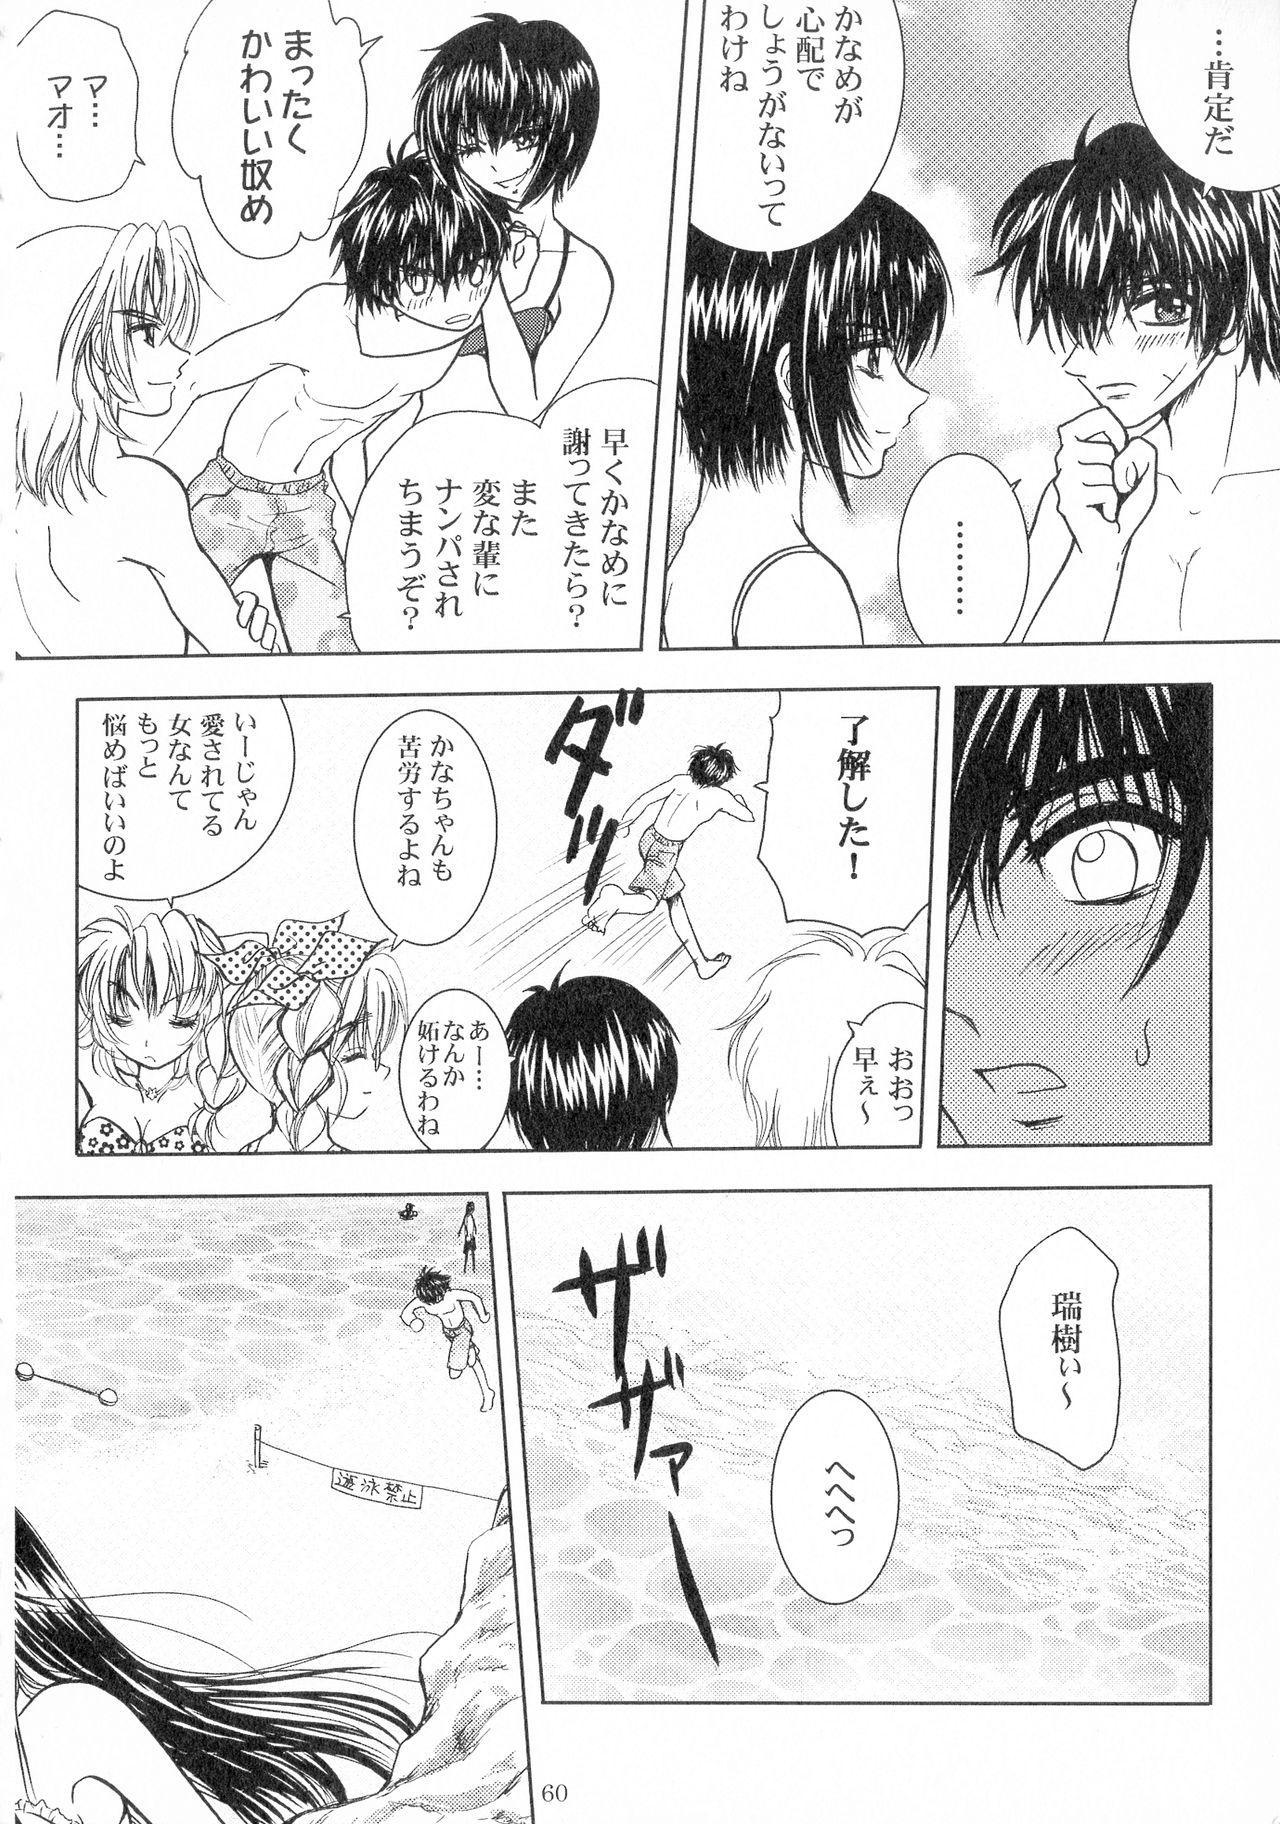 SEXY PANIC Sairoku-shuu VOL.3 59